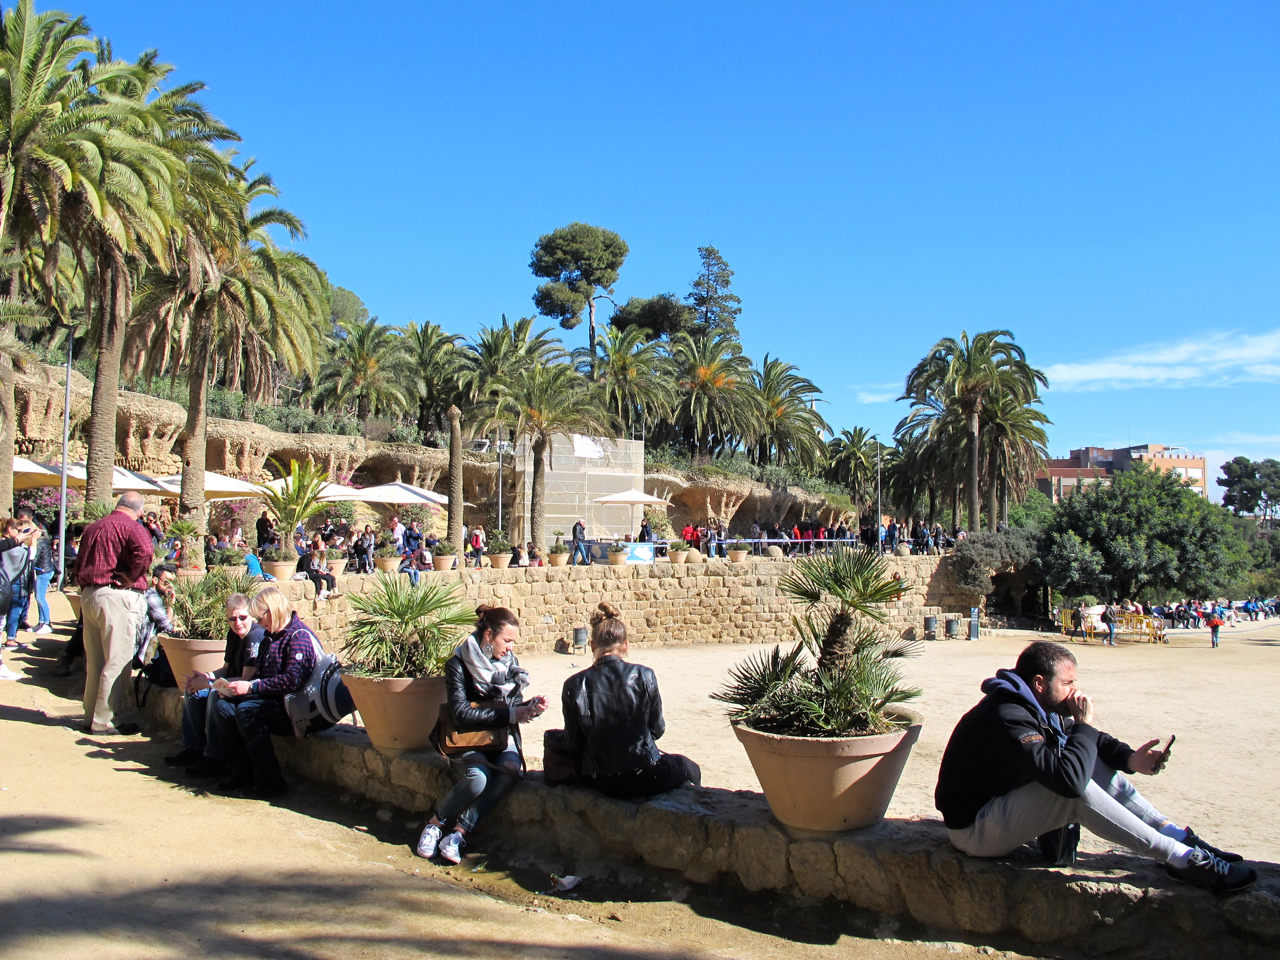 Der Park Güell ist voll mit Menschen die die Sonne und den schönen Ausblick auf Barcelonas City geniessen möchten.